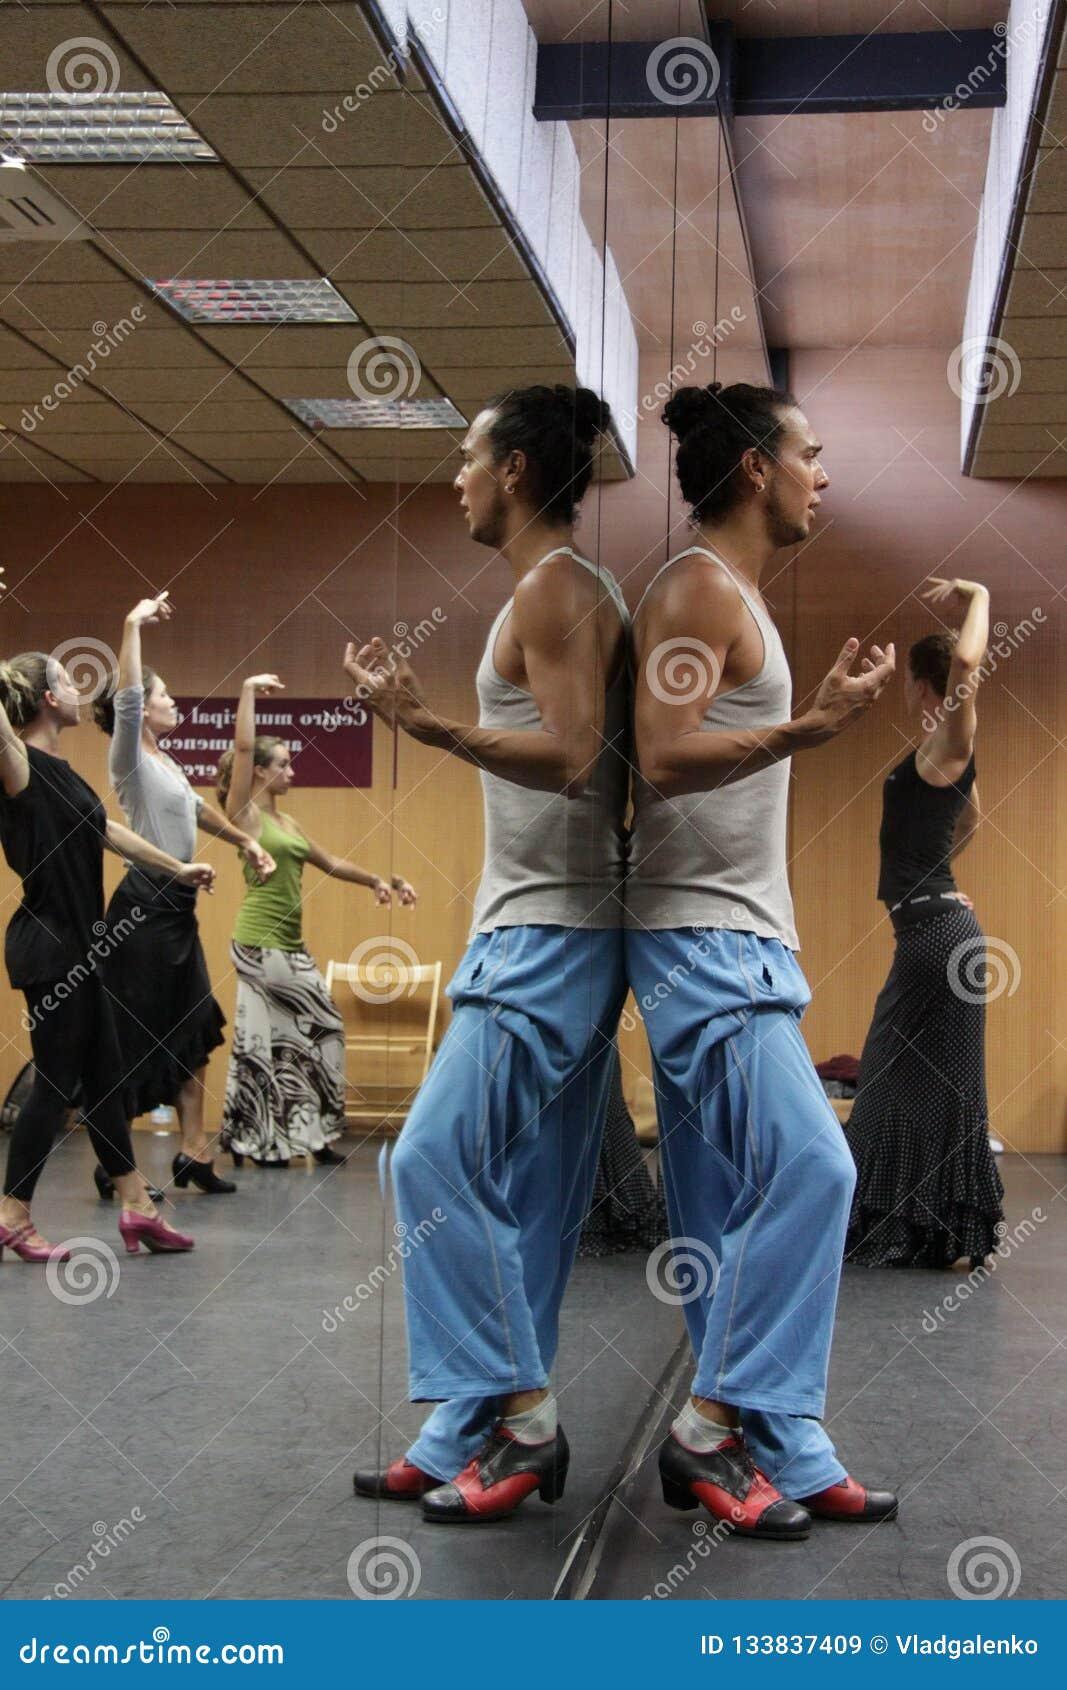 佛拉明柯舞曲老师米格尔巴尔加斯在佛拉明柯舞曲艺术中心'拉梅尔塞'在卡迪士